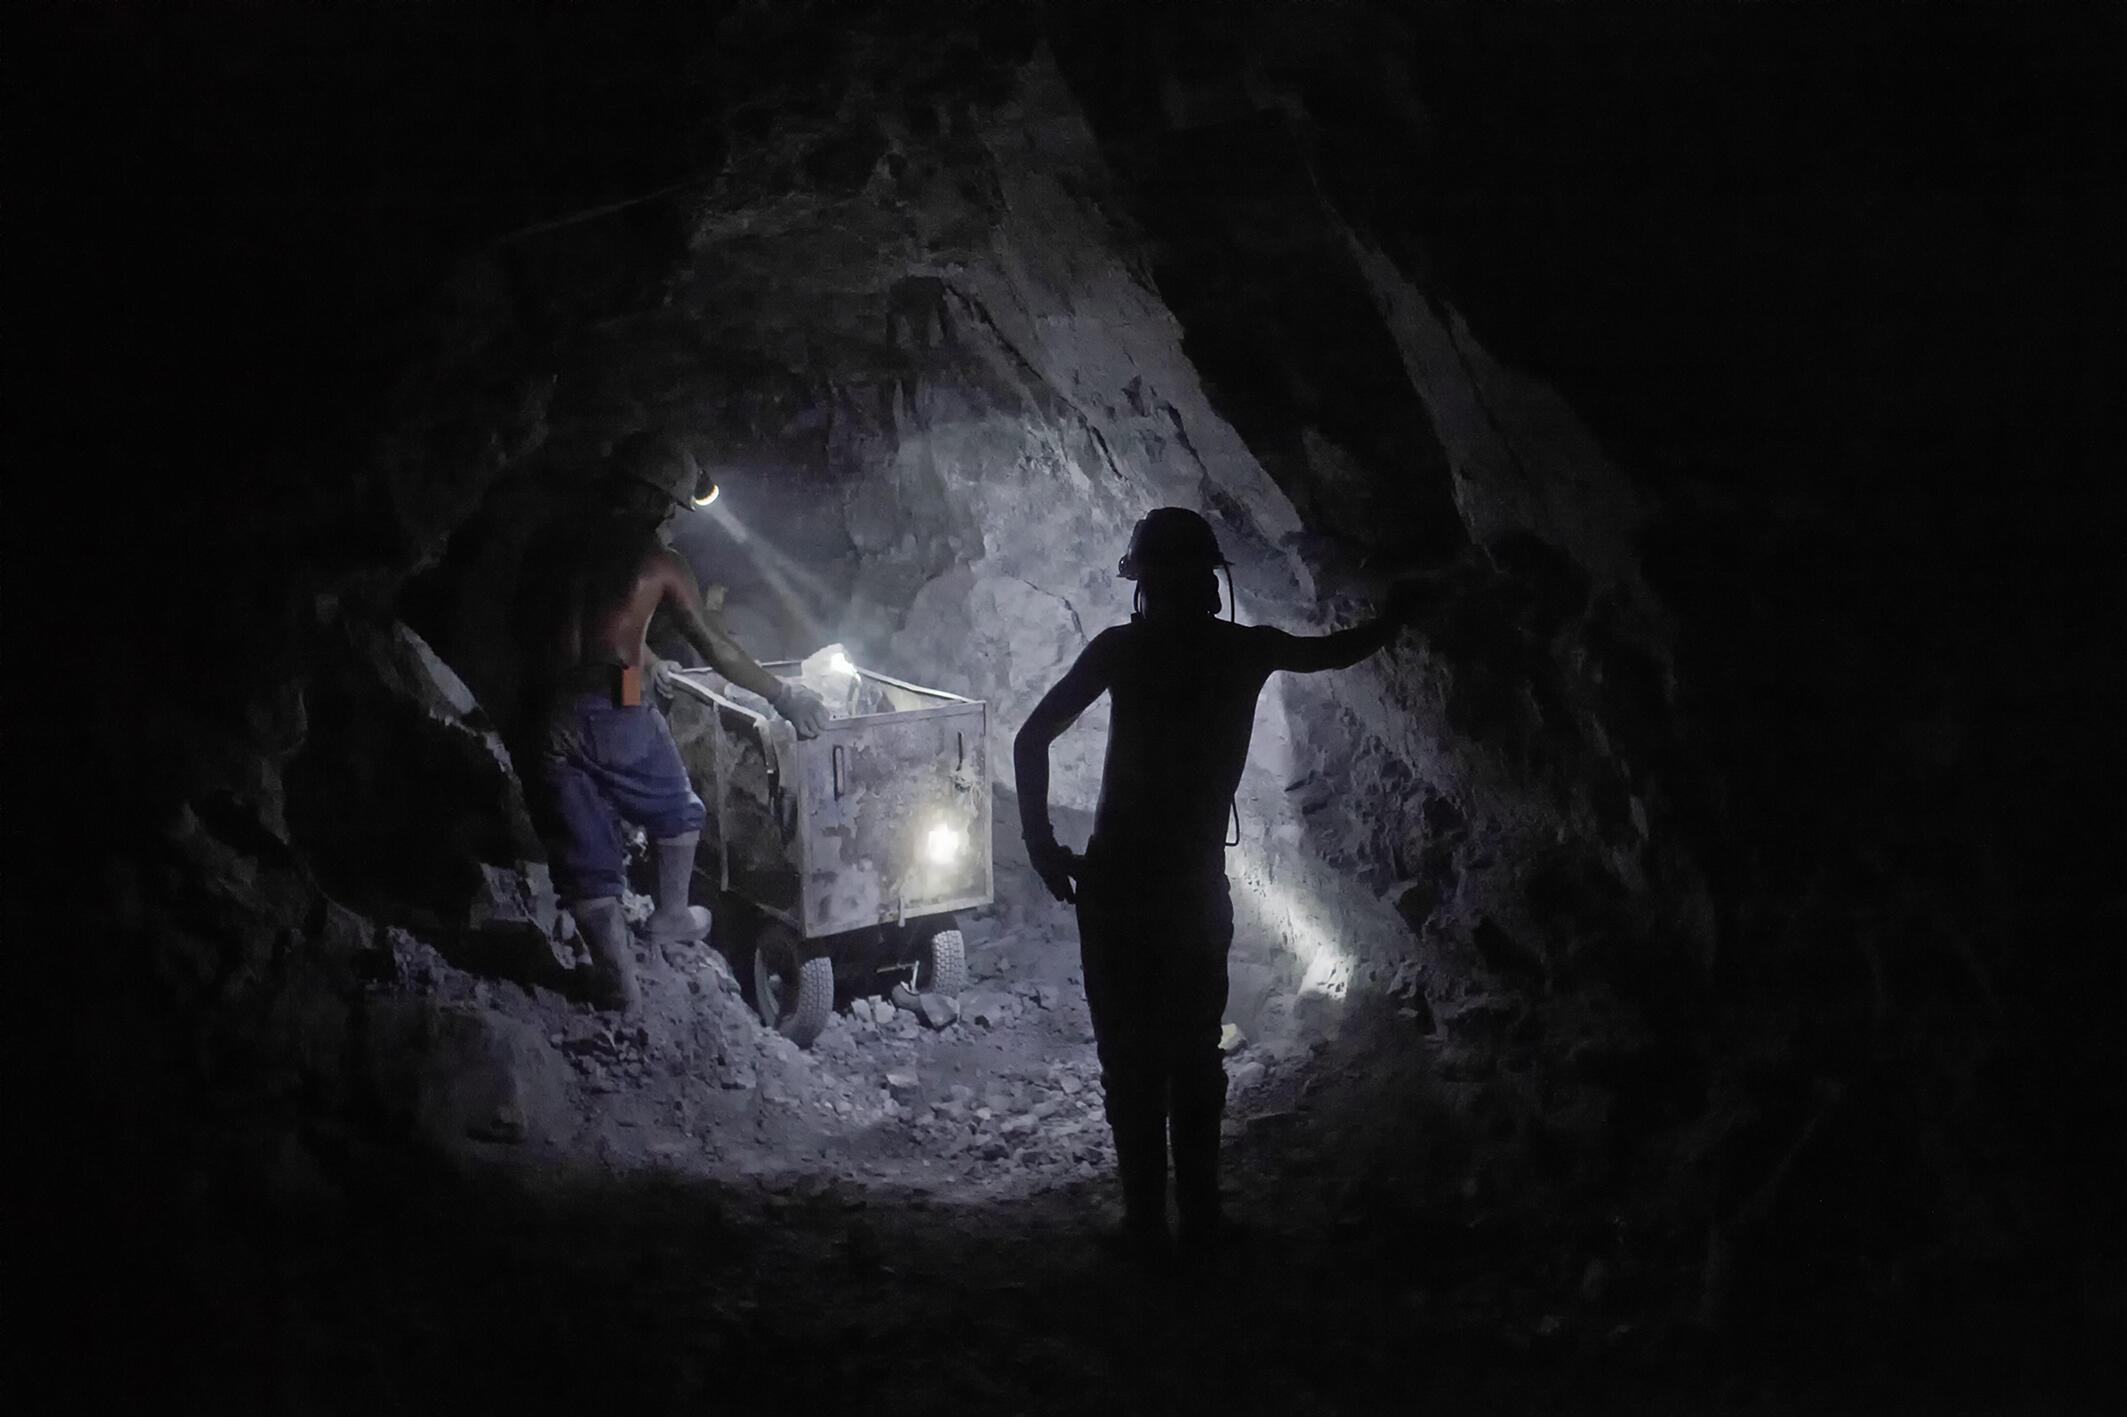 Los mineros de Potosí trabajan en condiciones extremadamente difíciles.